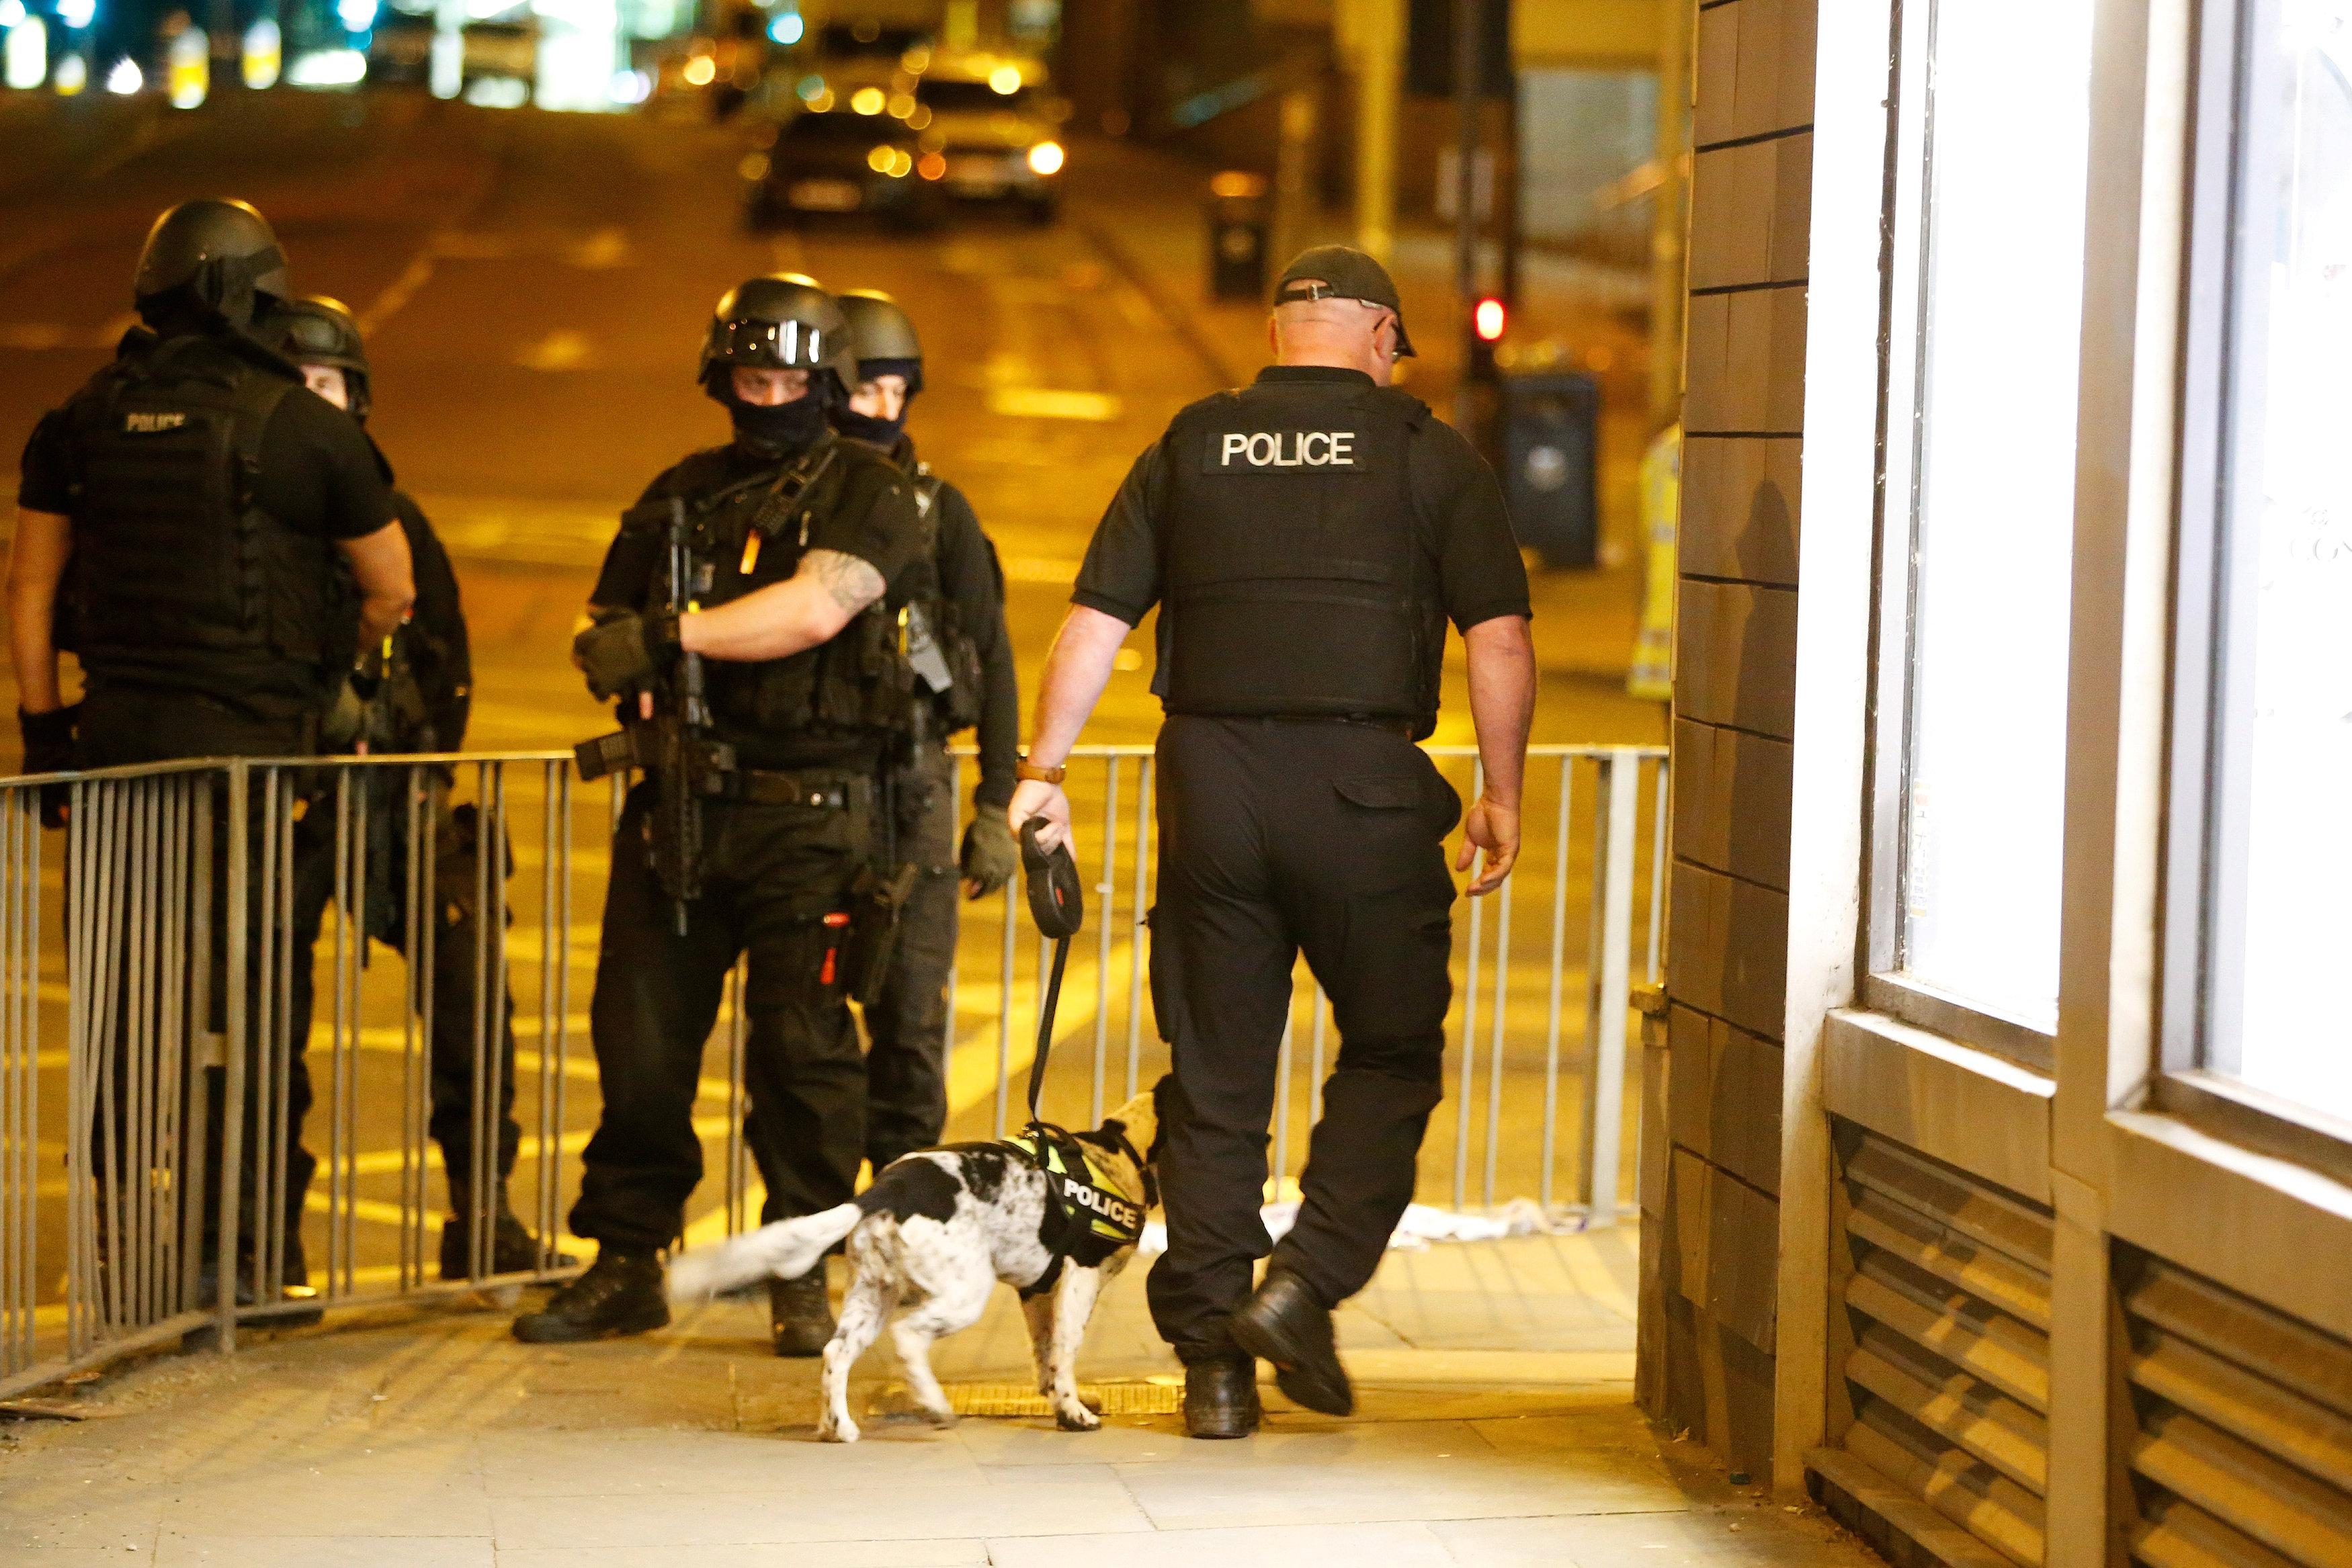 Theresa May: las autoridades no pueden anunciar aún la identidad del atacante, pero está identificado